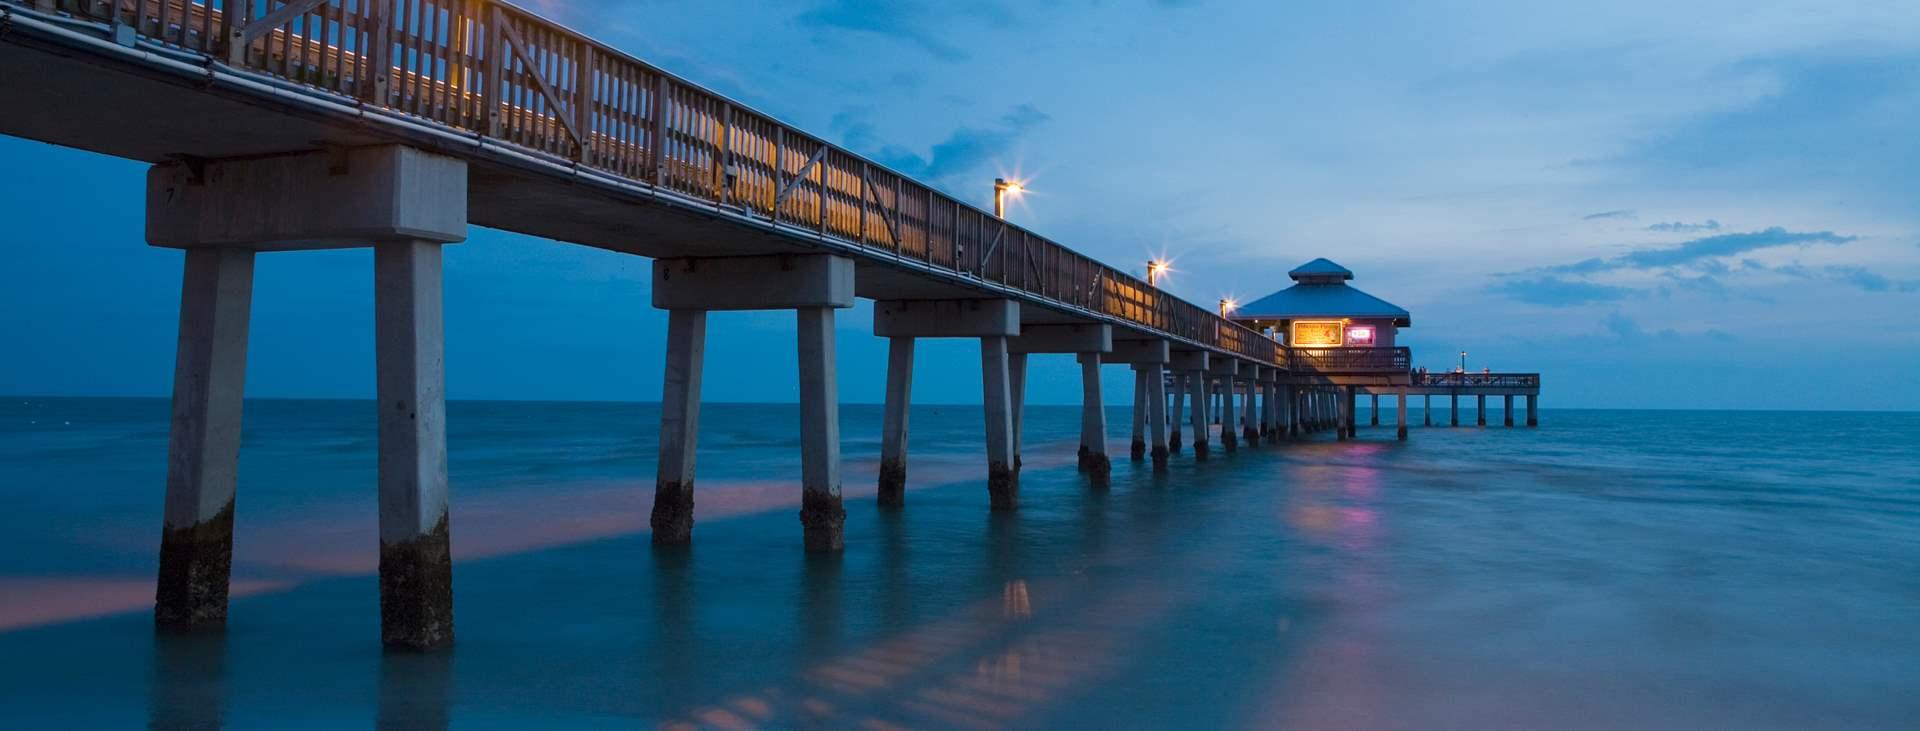 Bestill en reise til Fort Myers Beach i Florida – opplev USA med Ving